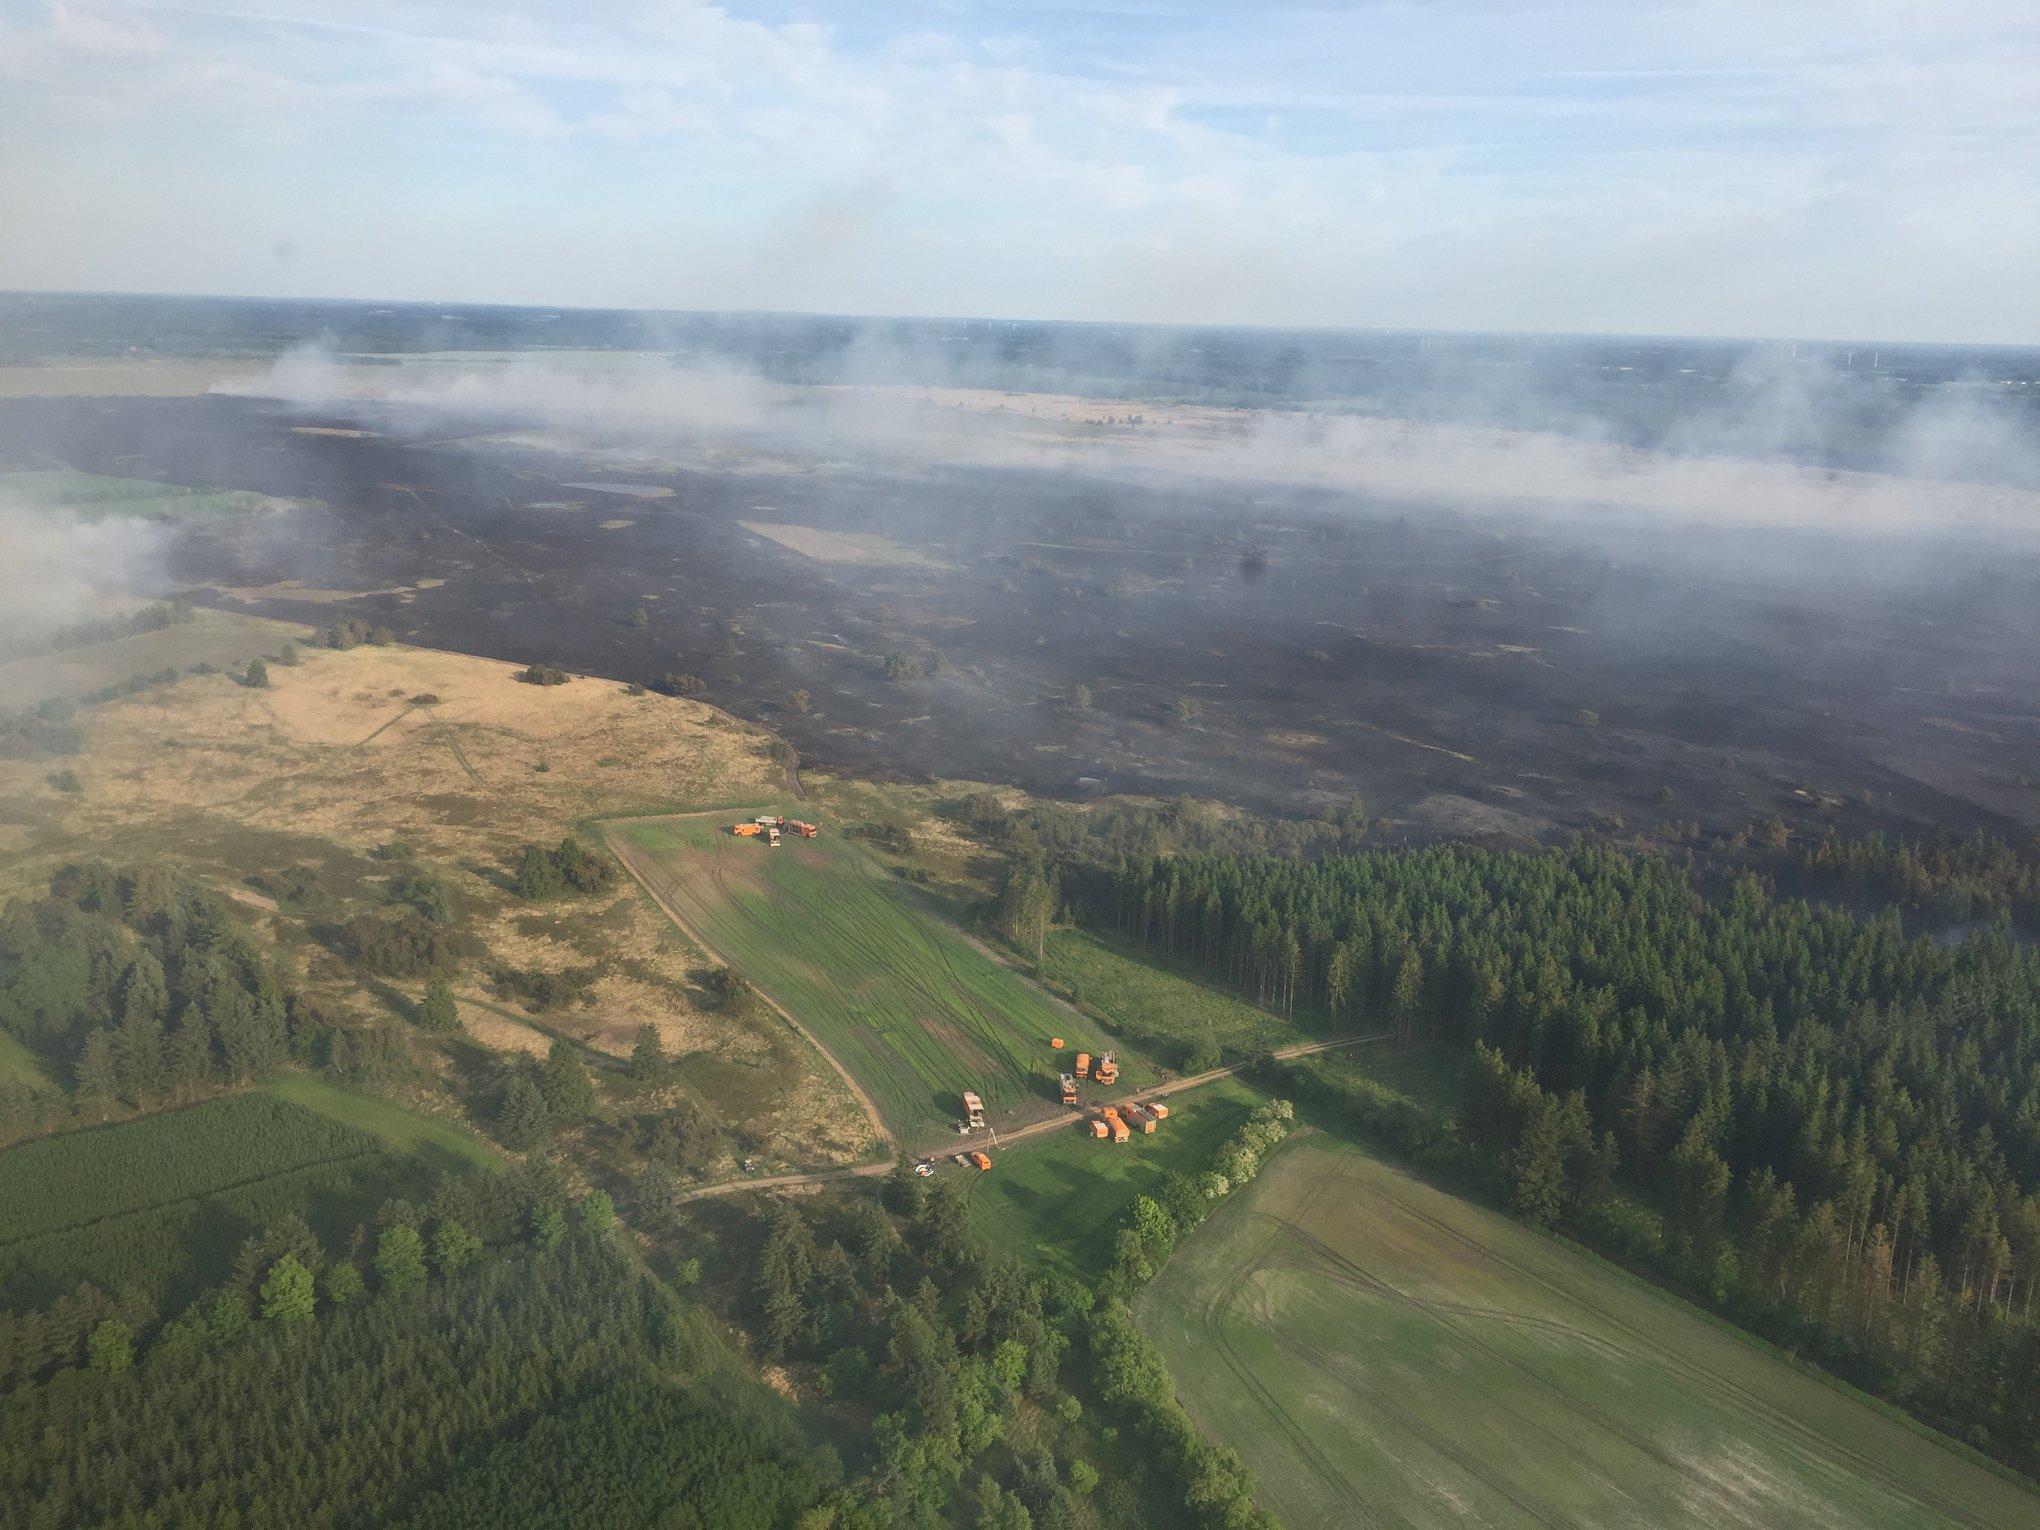 Ophævelse af afbrændingsforbud i Trekant-området, men med skærpede krav ved afbrænding af Sankthansbål